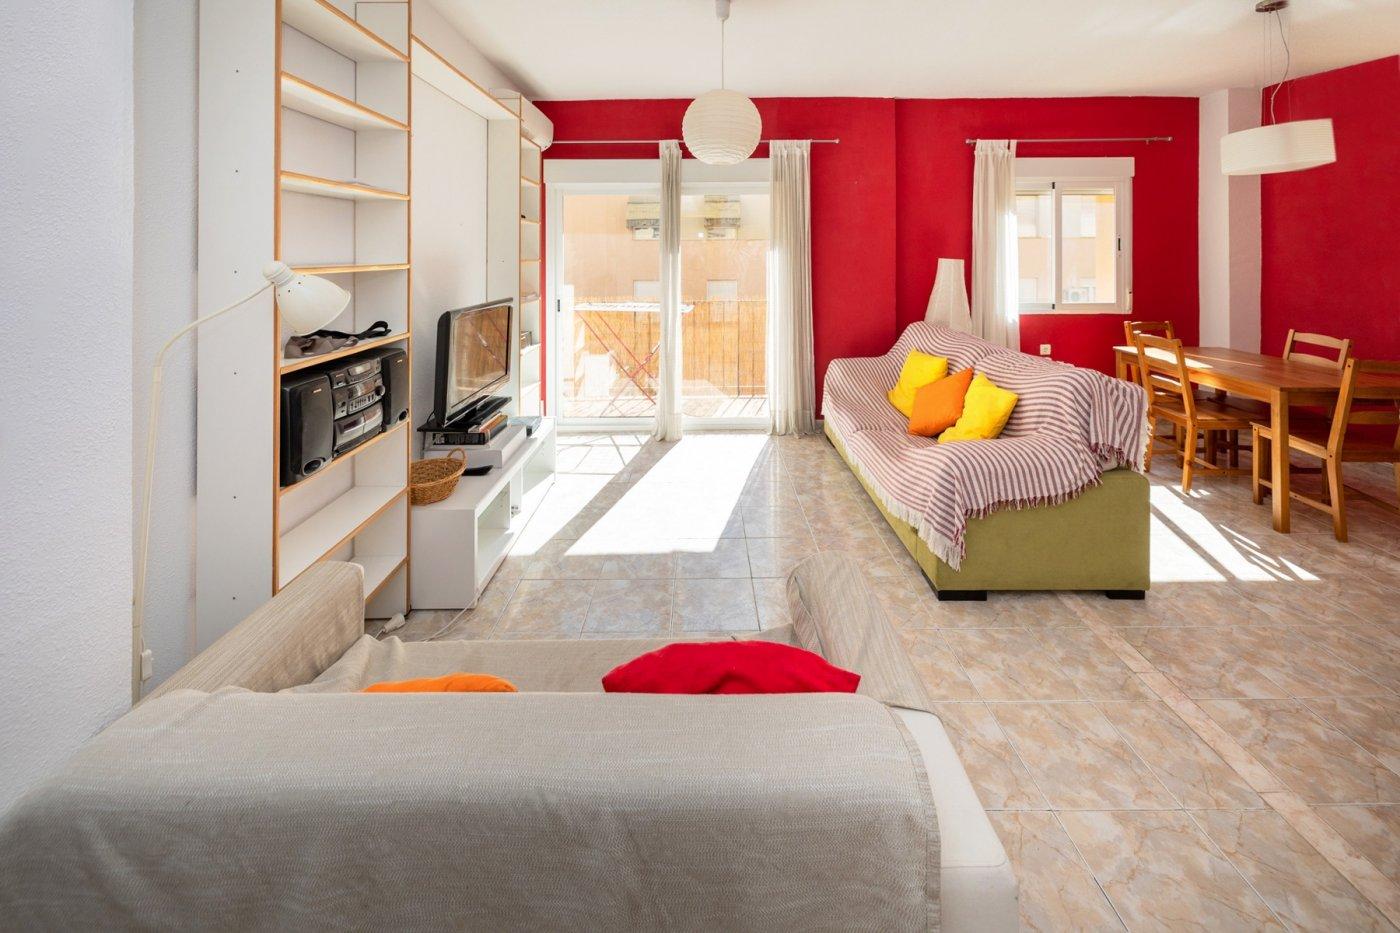 Fantástico piso en la zona del río genil junto a camino de ronda